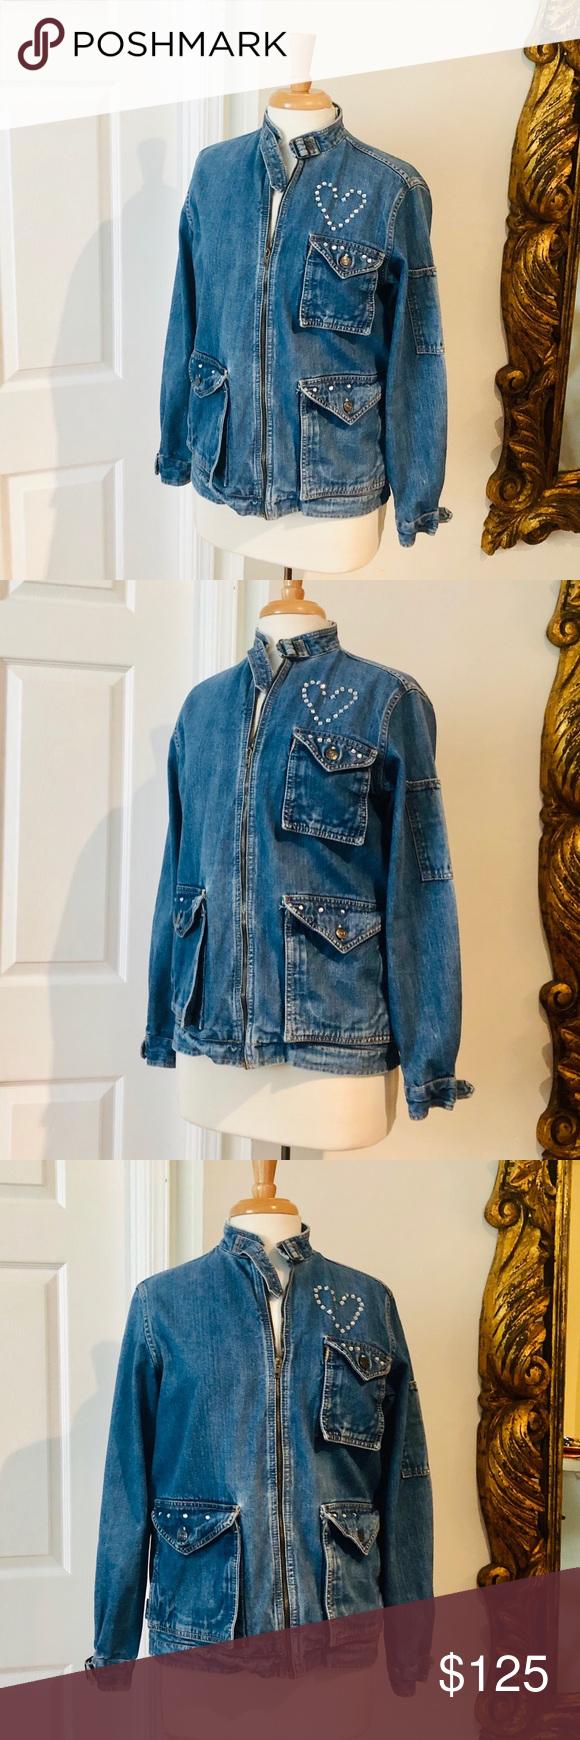 Vintage Faded Jean Jacket Jean Jacket Faded Glory Jeans Jackets [ 1740 x 580 Pixel ]